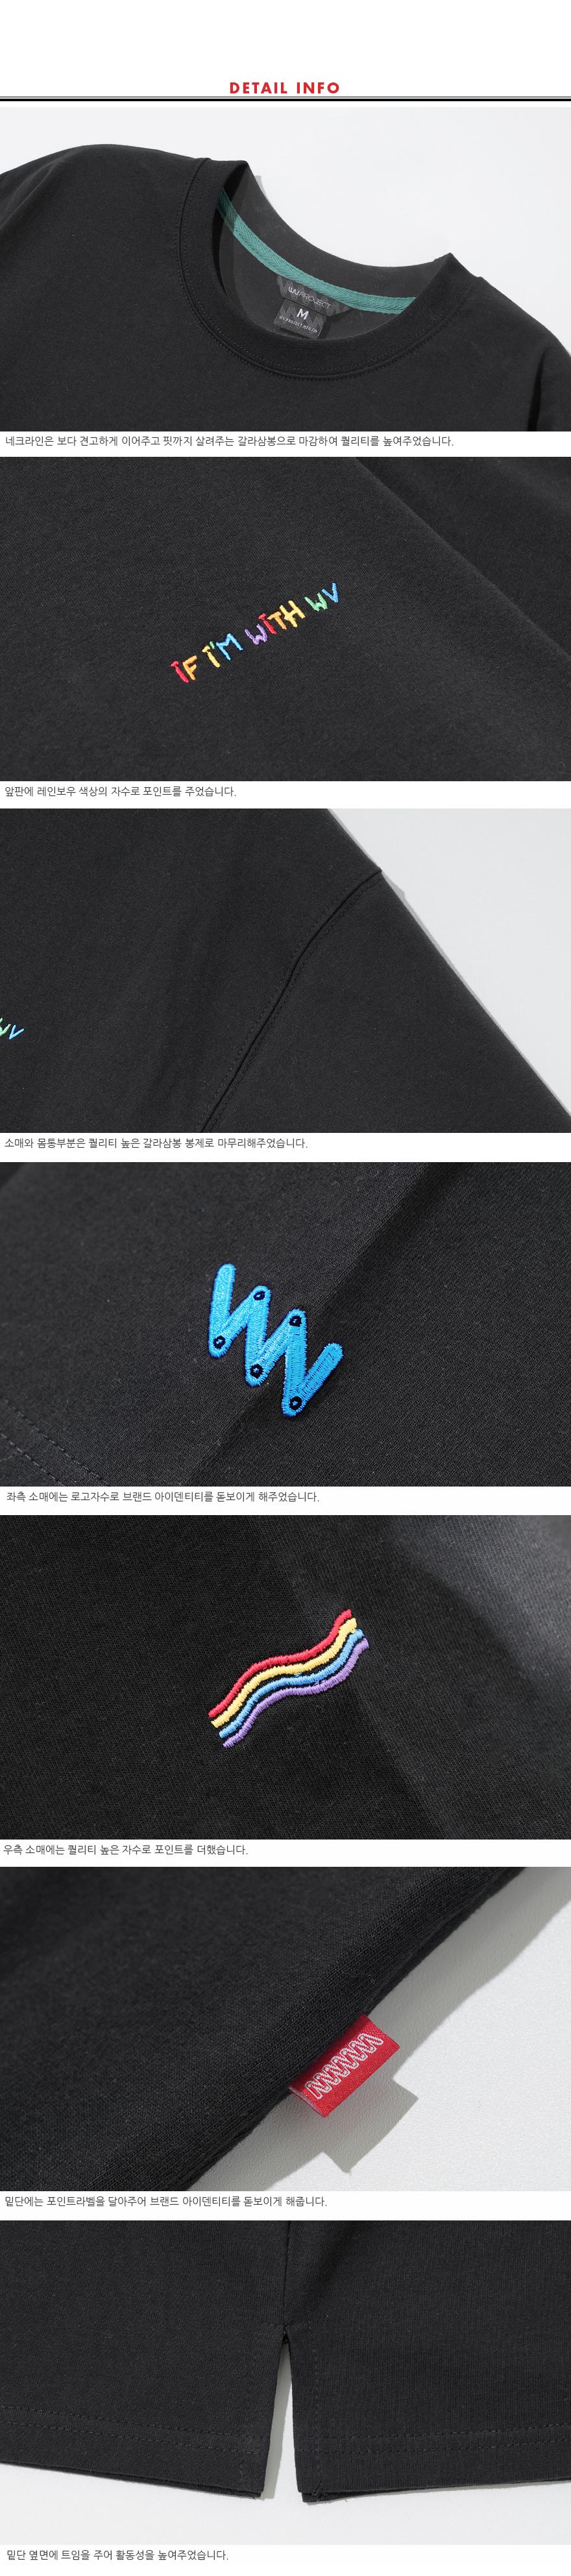 MJST7383_detail_black_mj.jpg